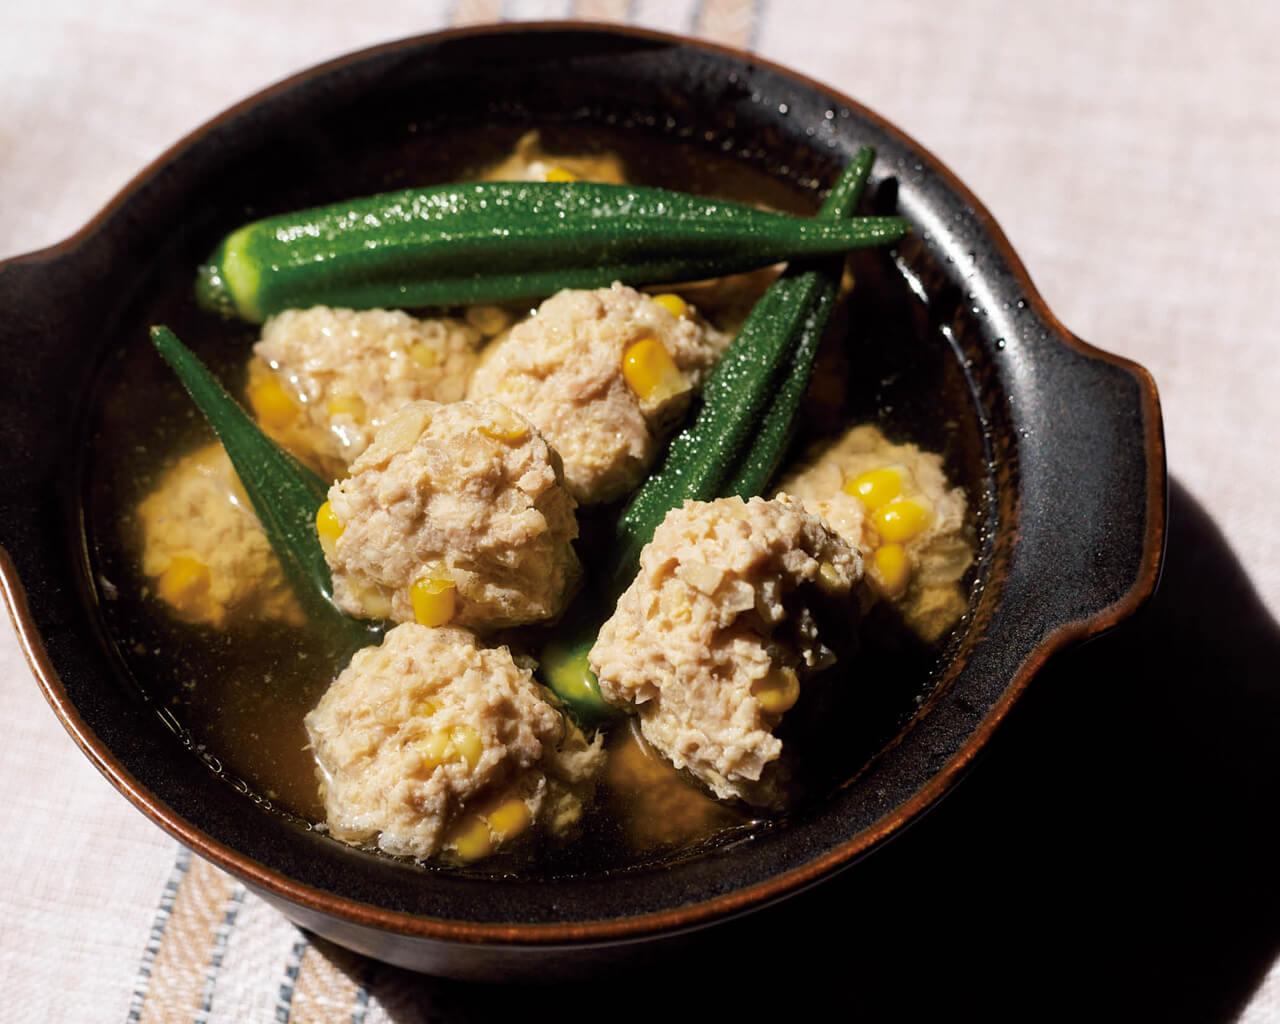 「トウモロコシ入り鶏だんごの和風スープ」レシピ/コウケンテツさん